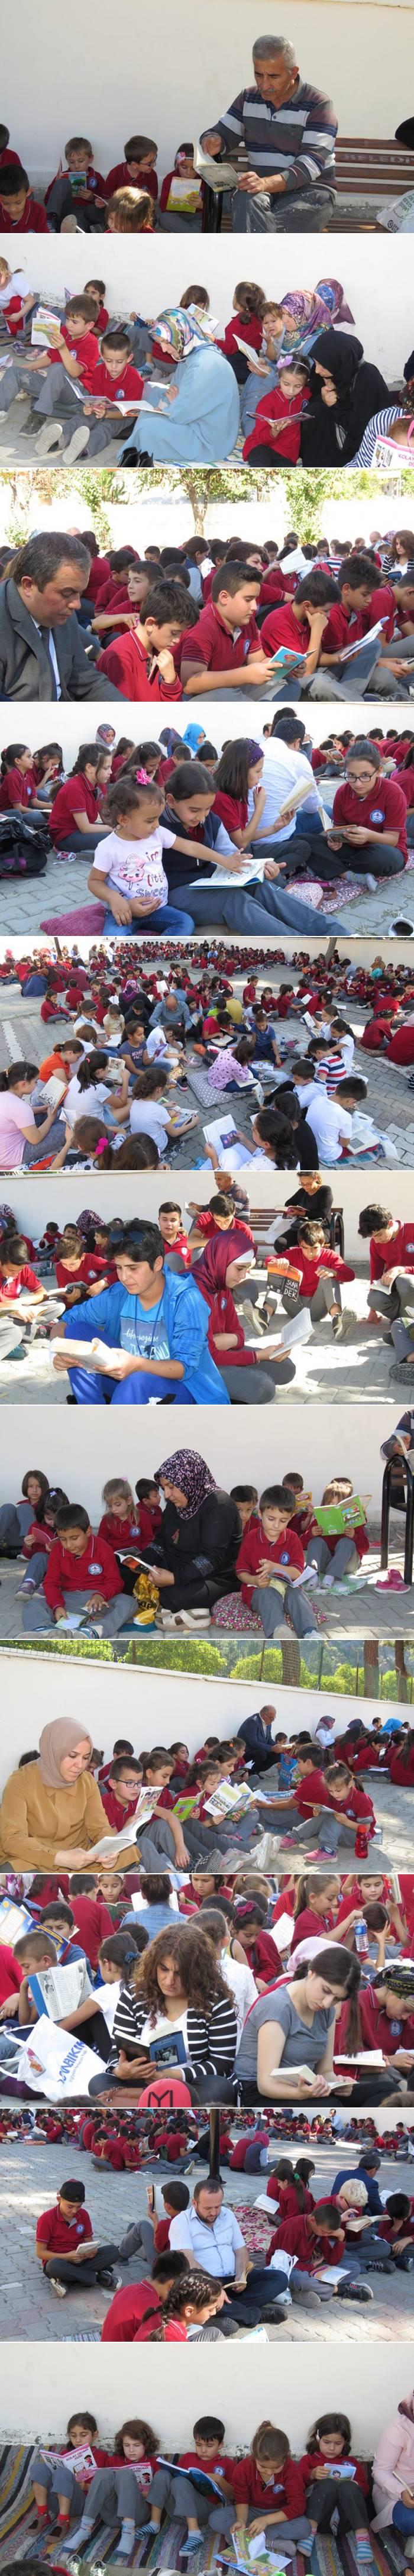 """İlçemiz Cengiz Topel İlkokulu/Ortaokulu """"Minderini Kap Gel Kitabını Oku"""" Etkinliğini Düzenleyerek Kitap Okuma Saatinde Okul Bahçesinde Öğrenciler, Öğretmenler ve Gönüllü Veliler Hep Birlikte Kitap Okudular."""